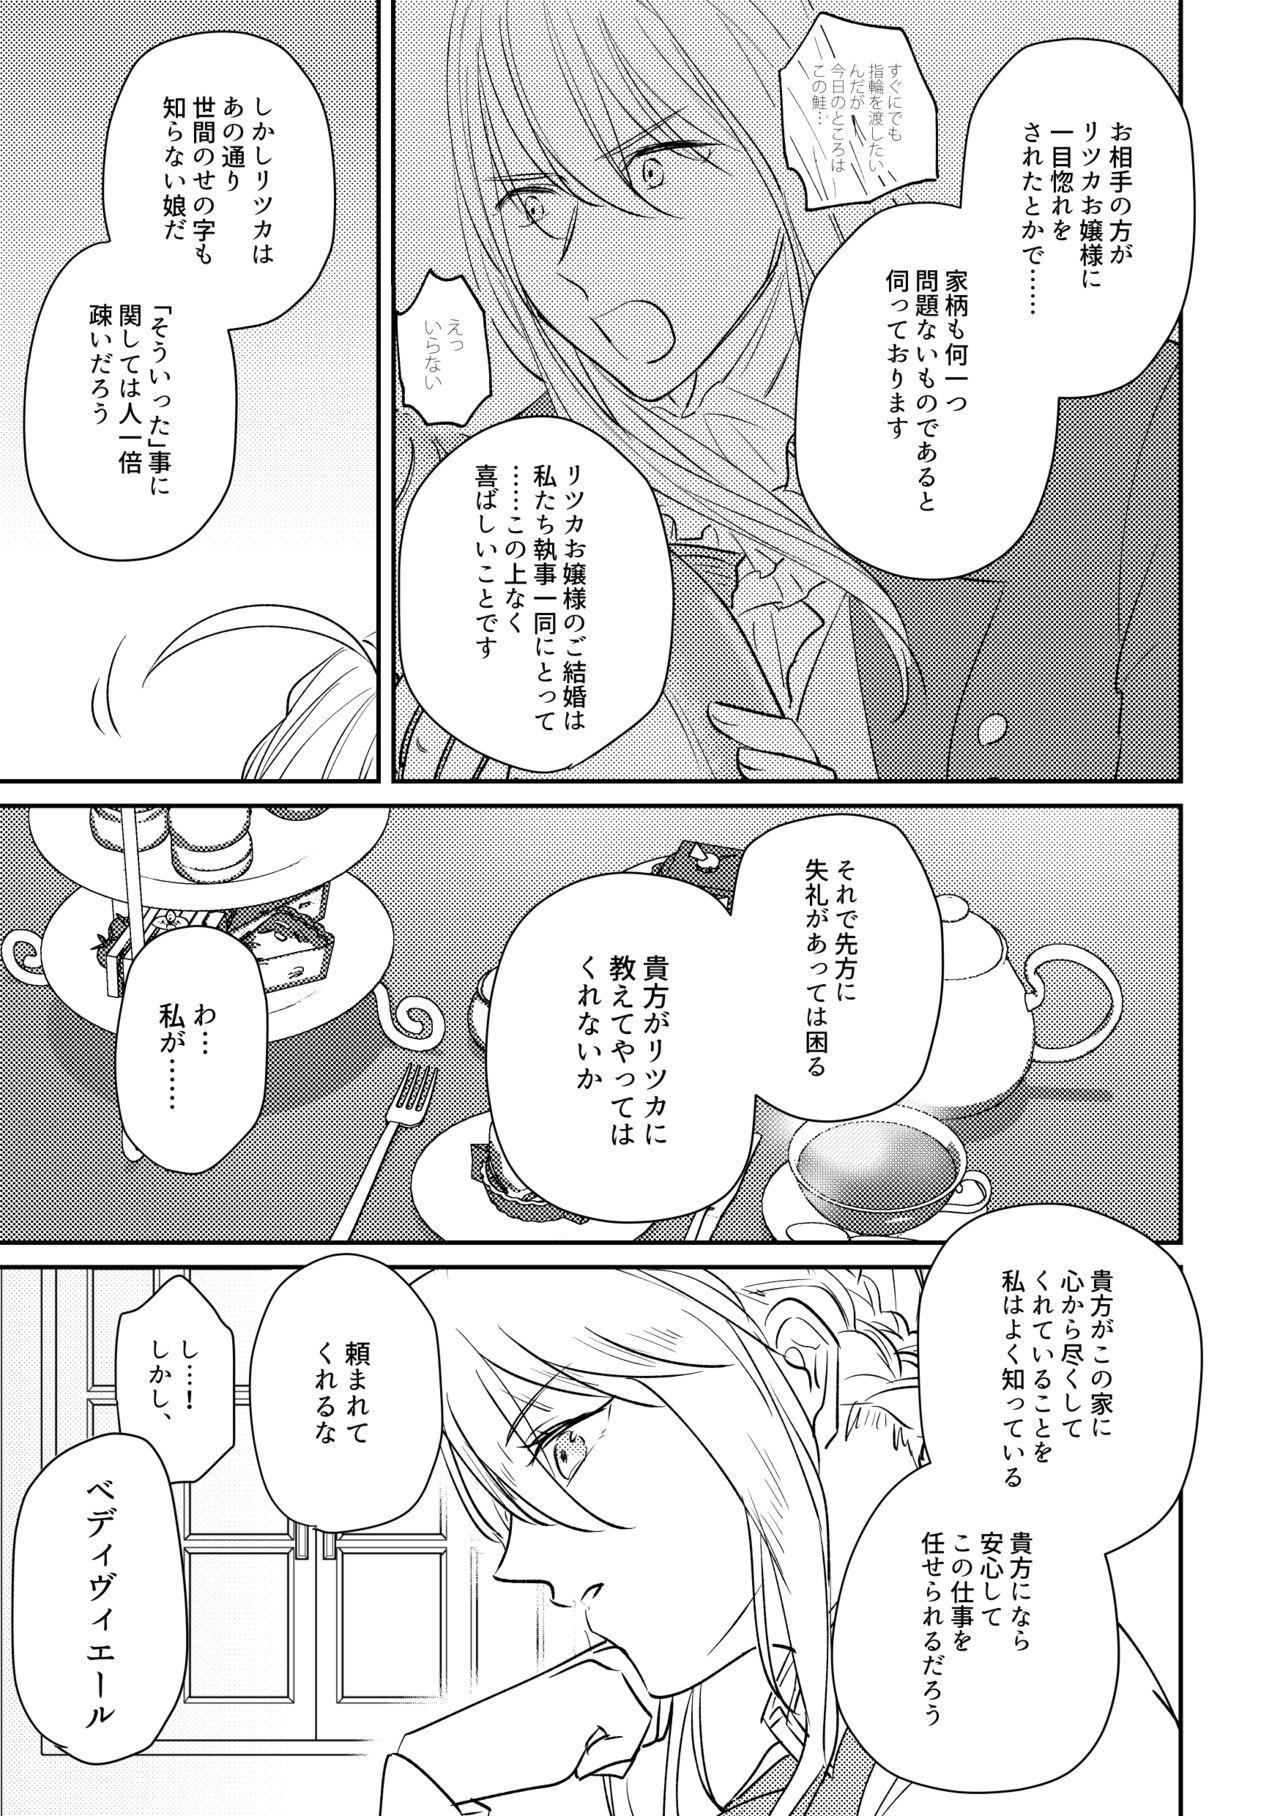 ojōsama o watashi ni kudasai[fate/Grand Order) 5